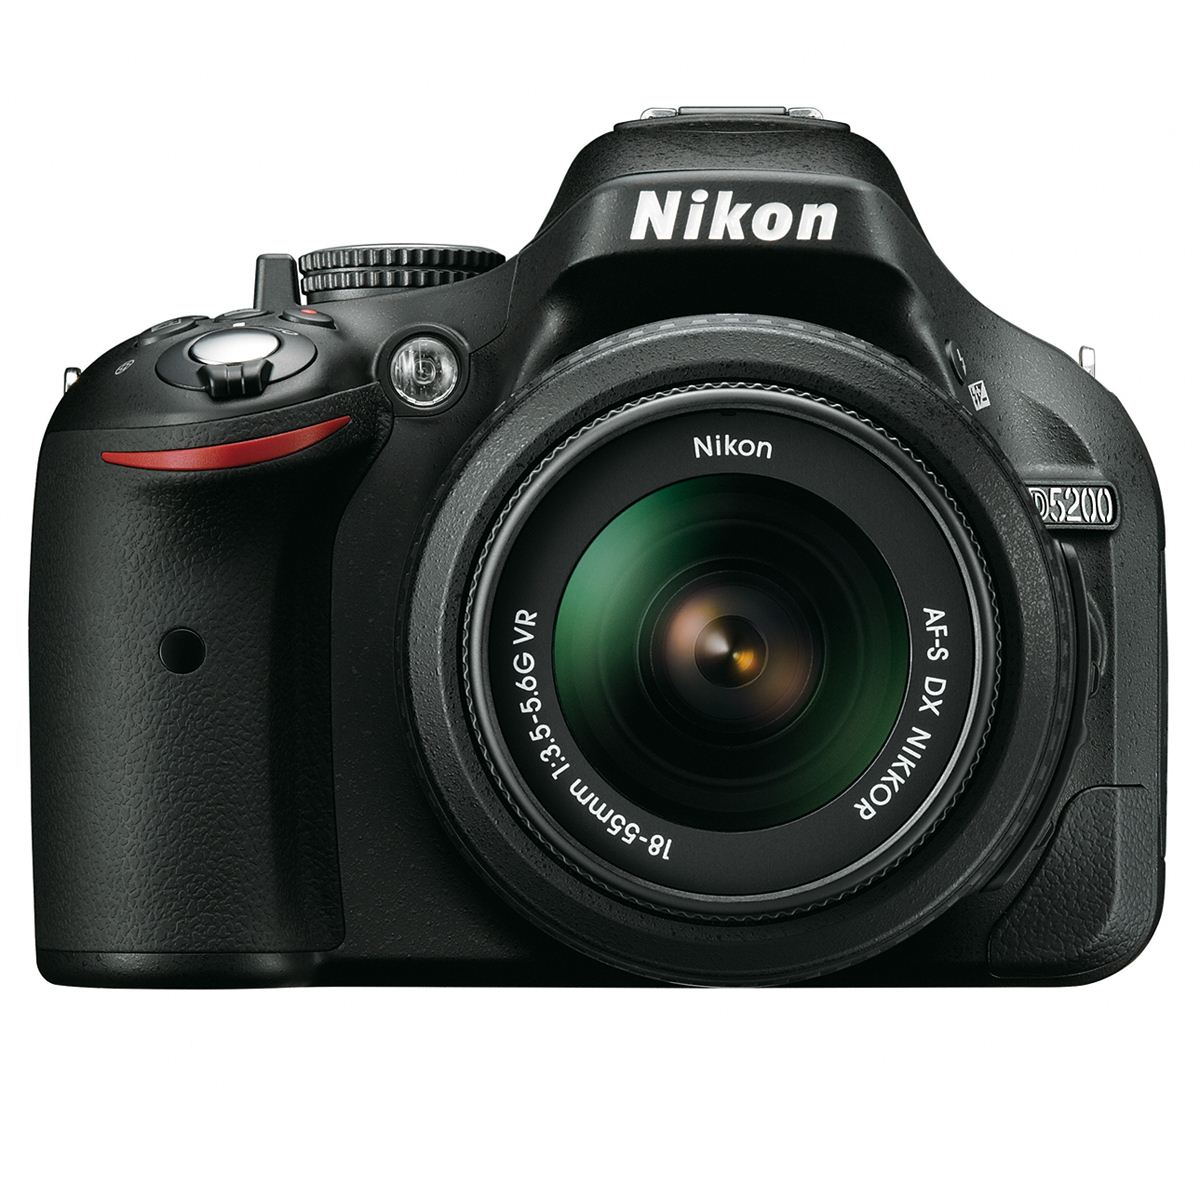 Nikon D5100 18-55 mm AF-S VR DX Kit